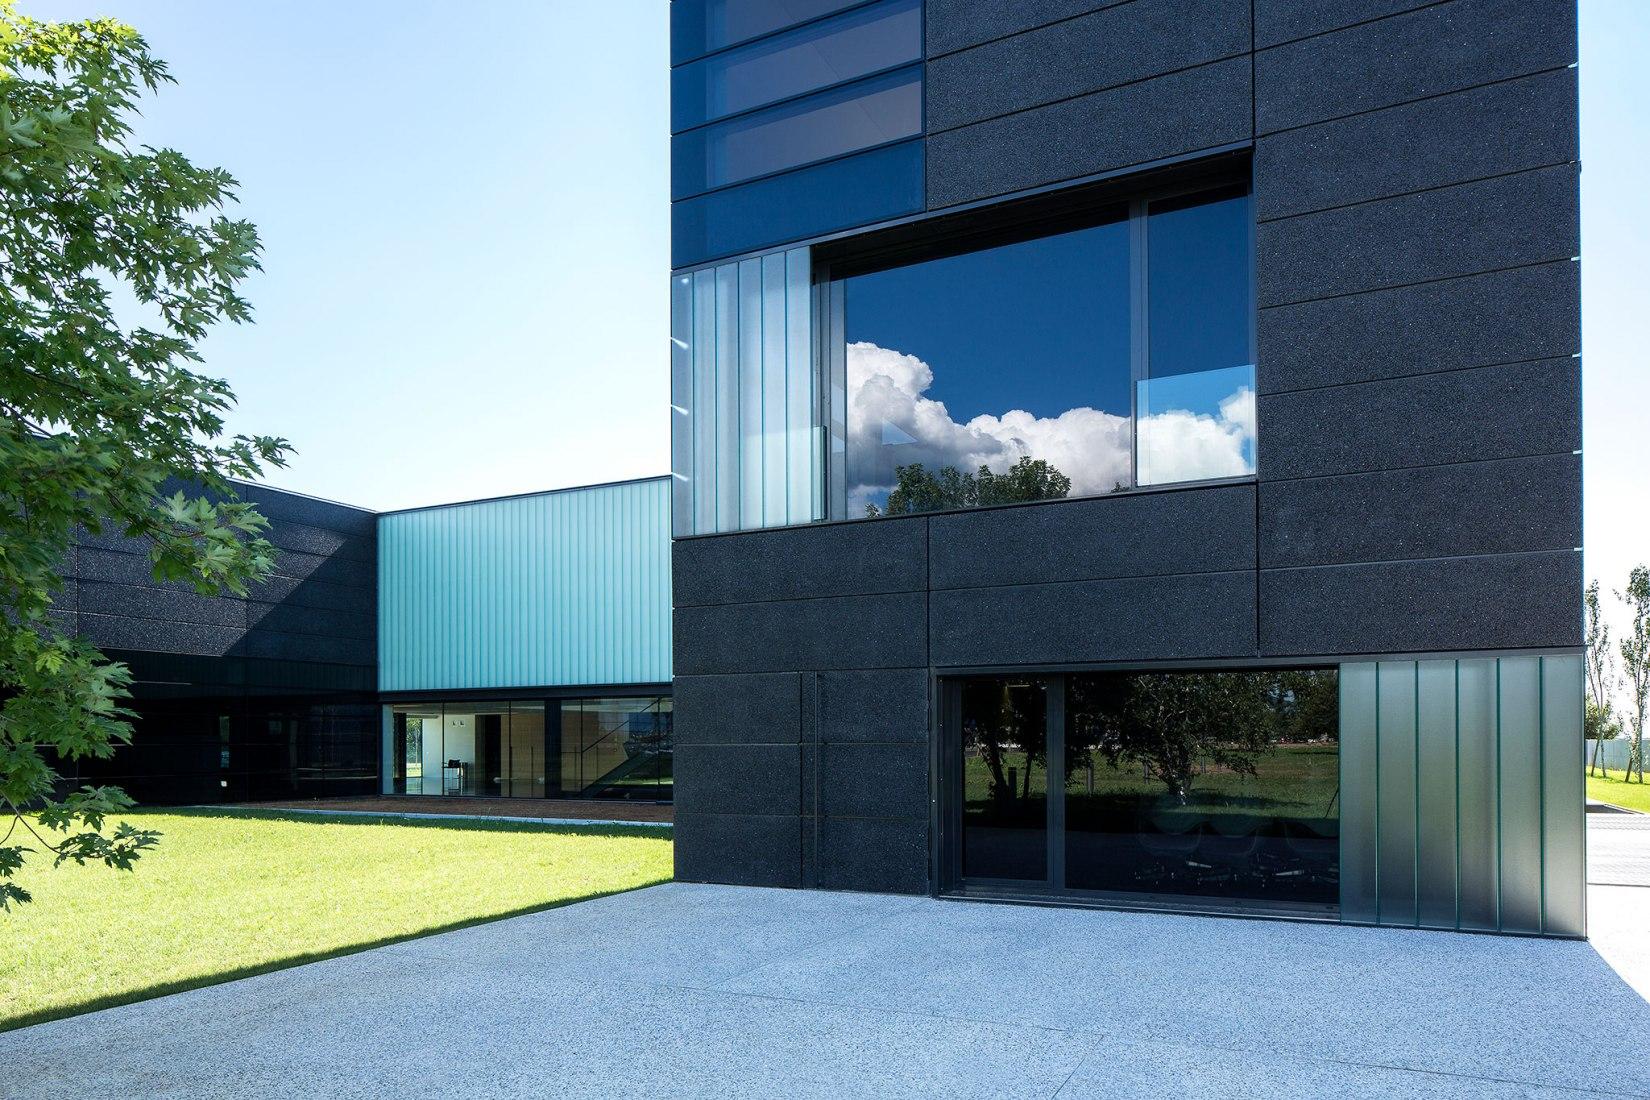 Faber Headquarters by GEZA - Gri e Zucchi architetti associati. Photograph © Massimo Crivellari.